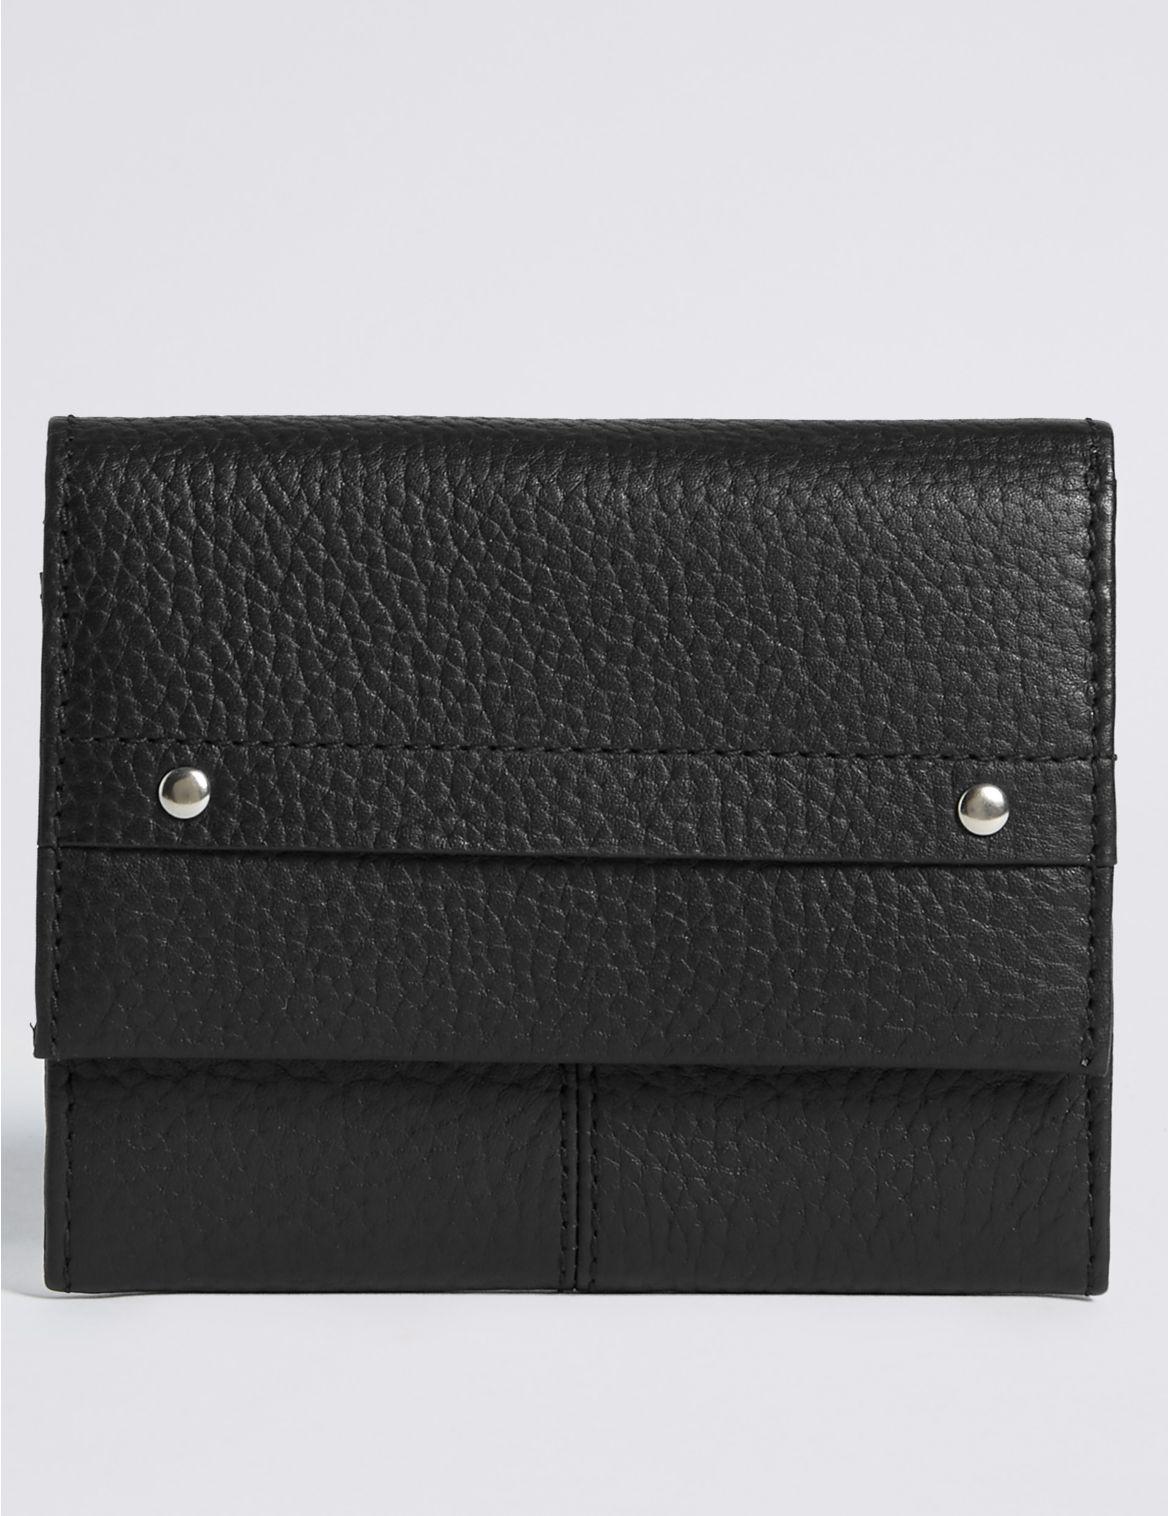 Porte-monnaie en cuir aspect granuleux, doté de la technologie Cardsafe™